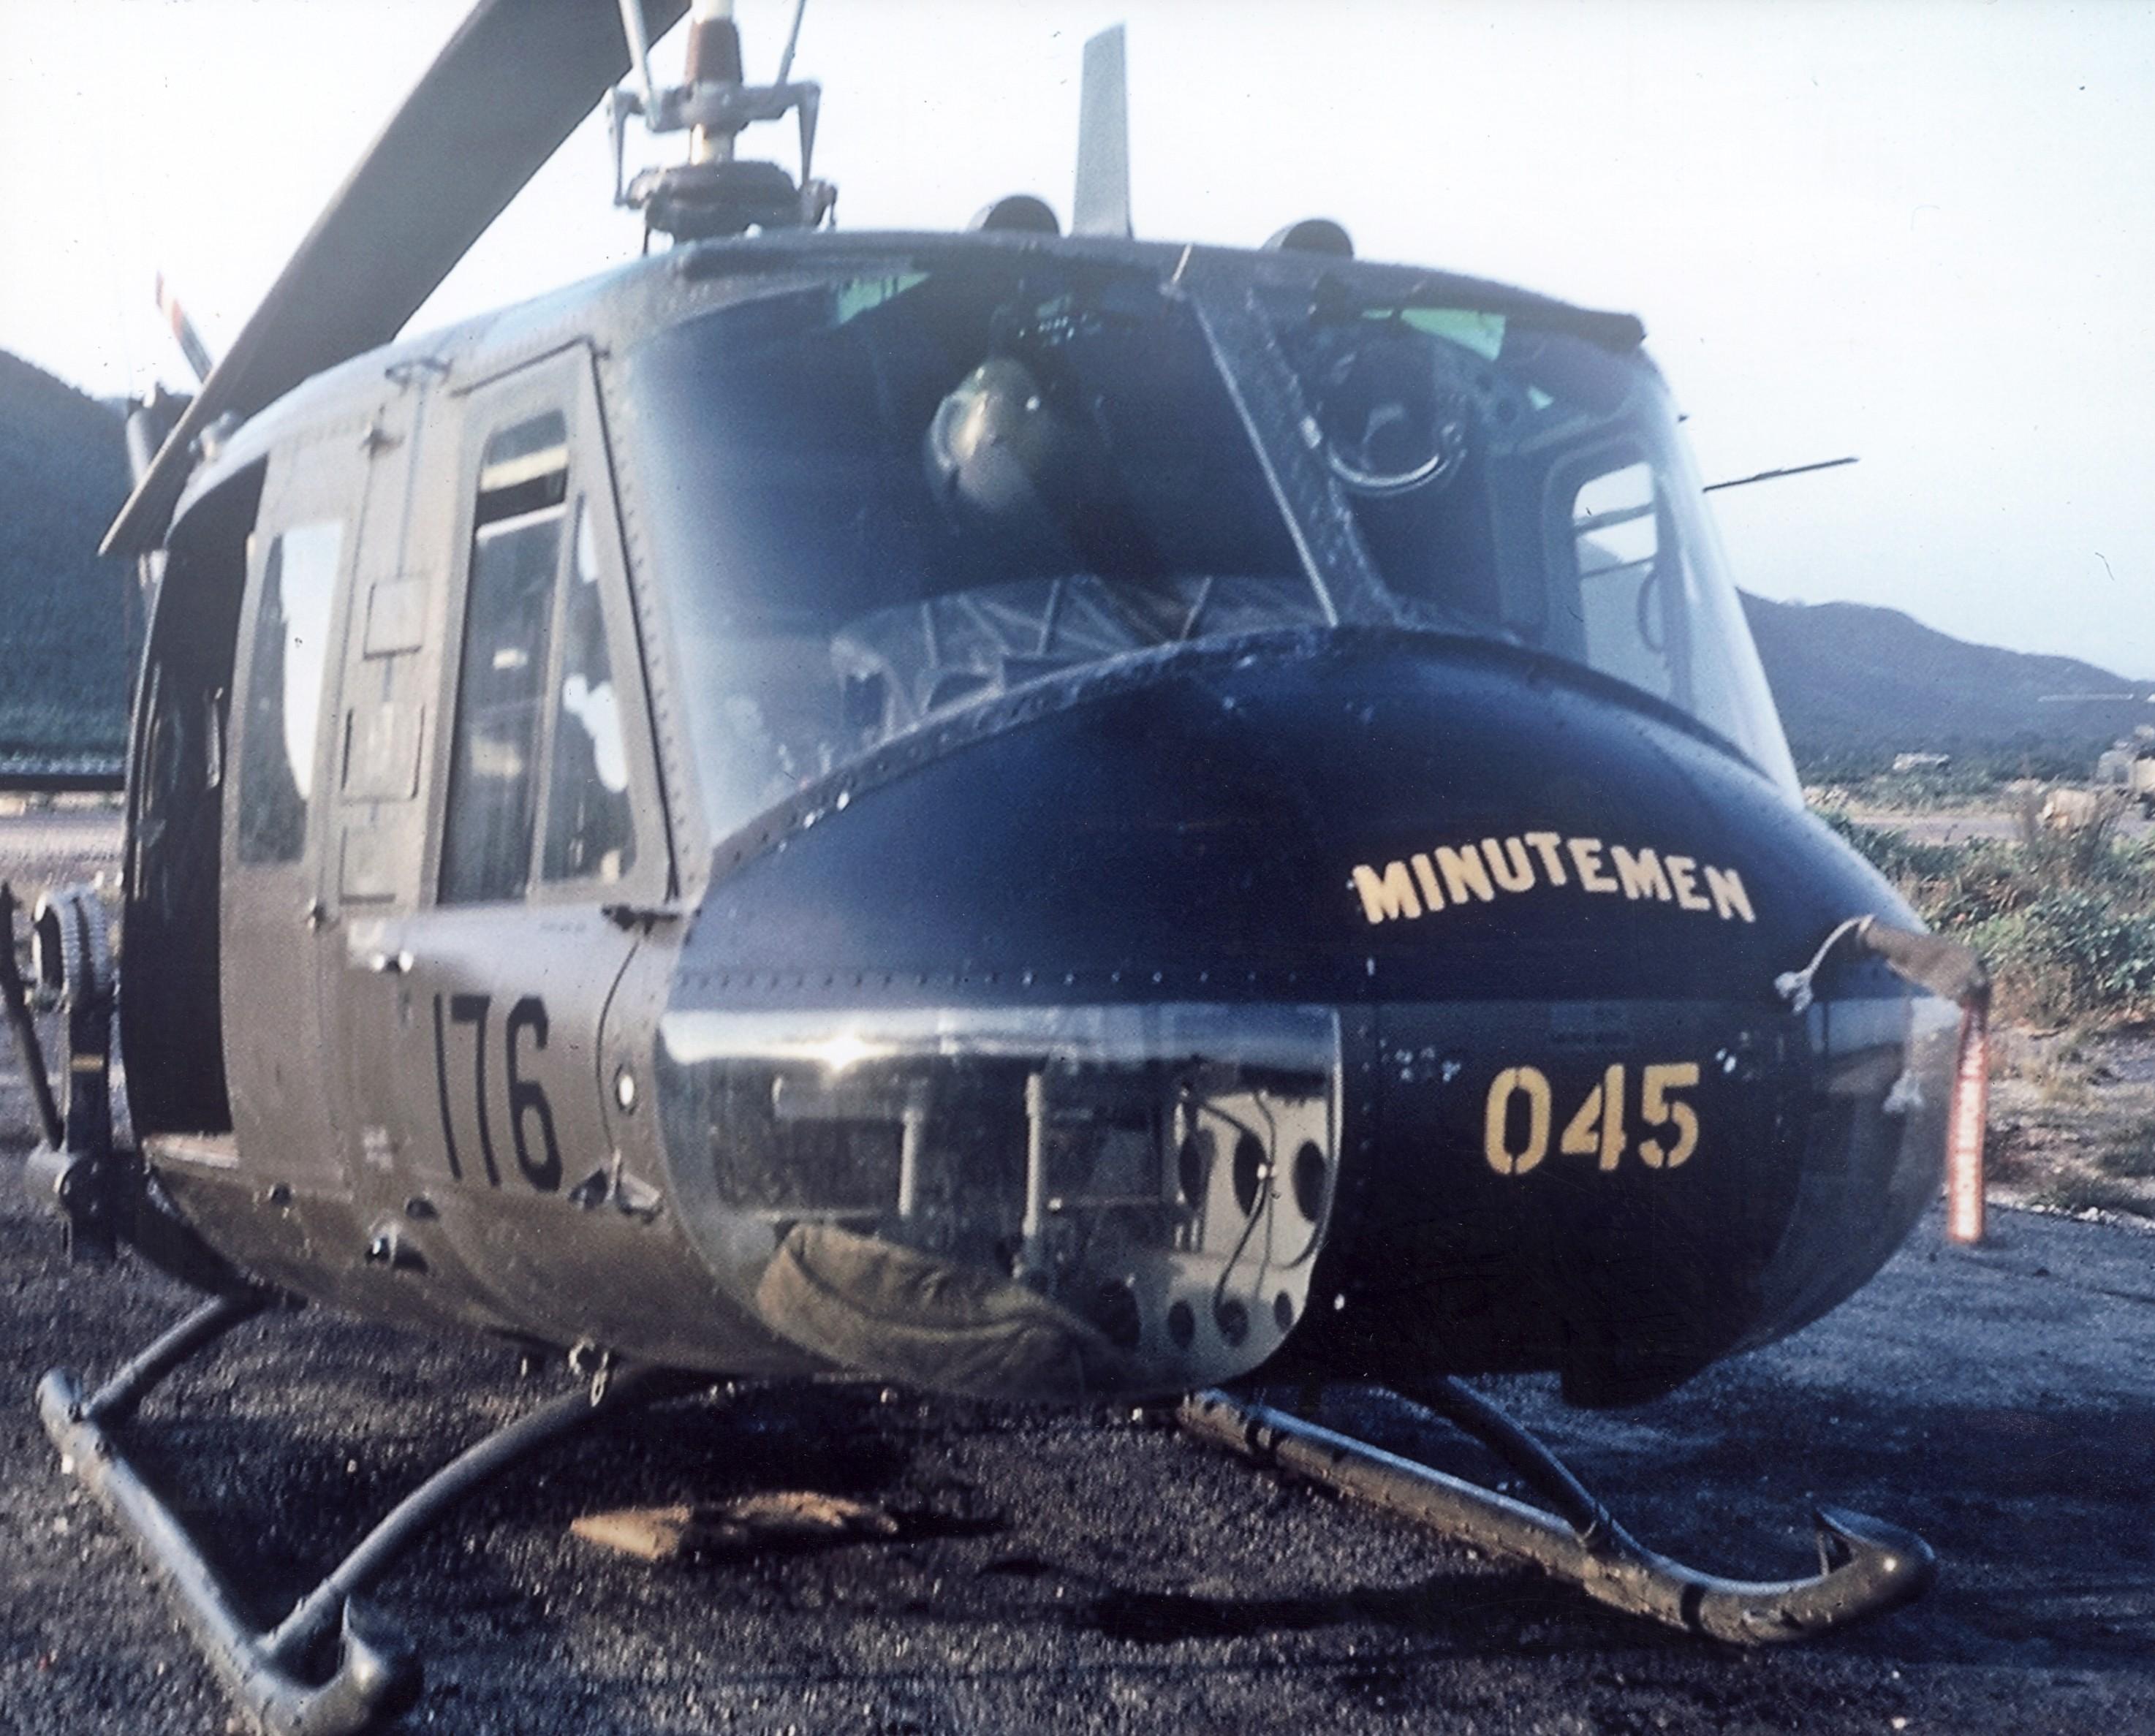 Long Overdue Honor Daring Vietnam Pilot Remembers Medal